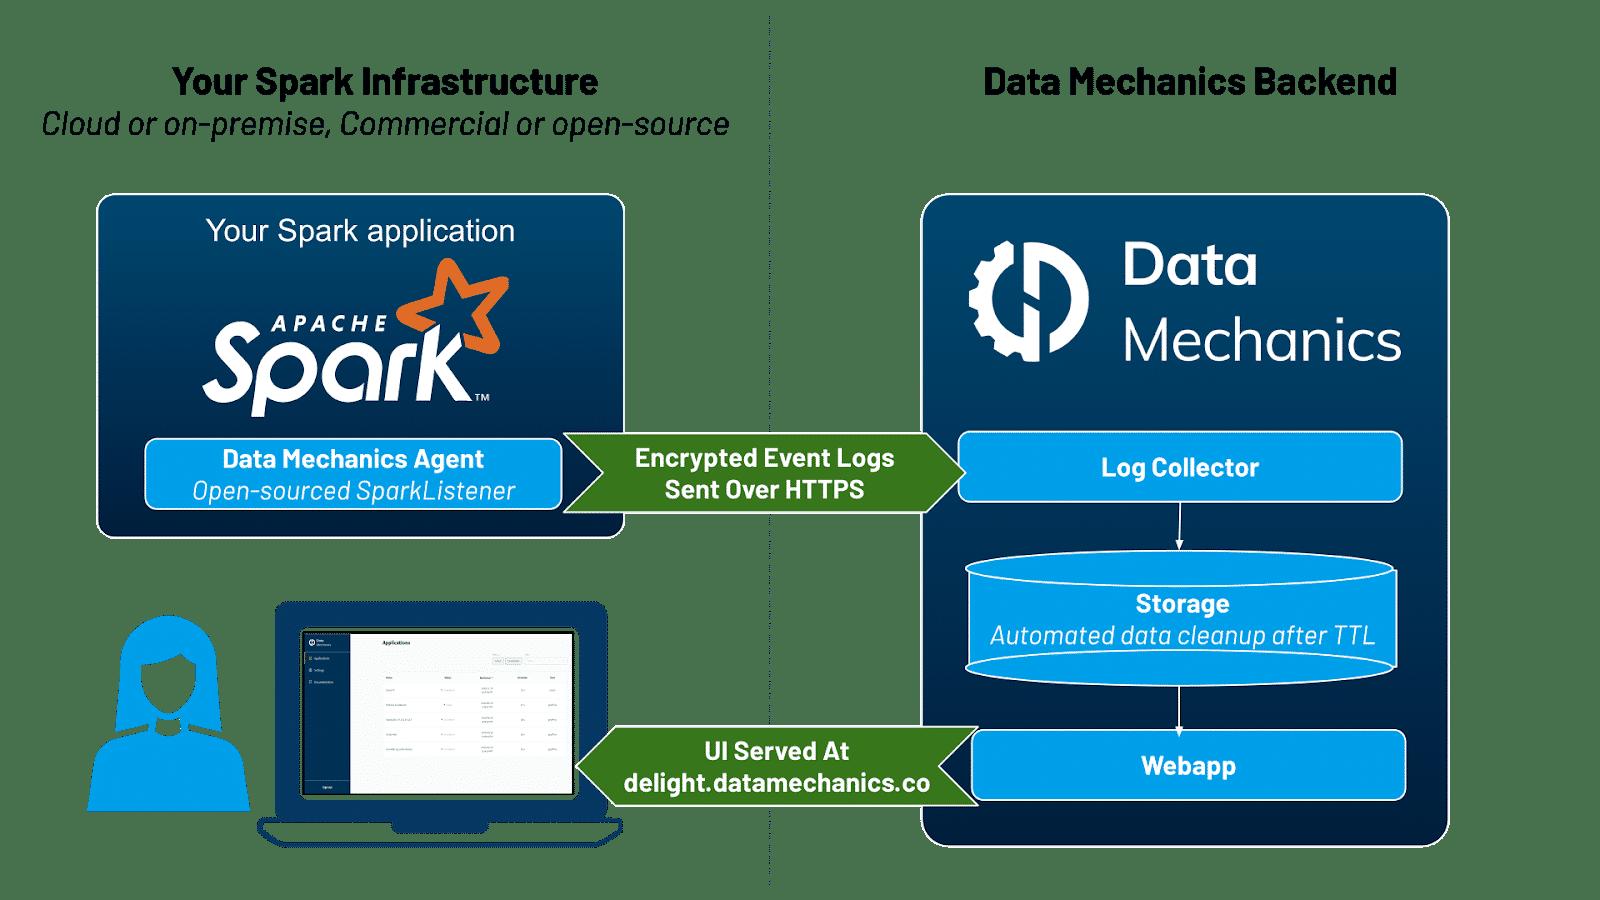 Data Mechanics Delight